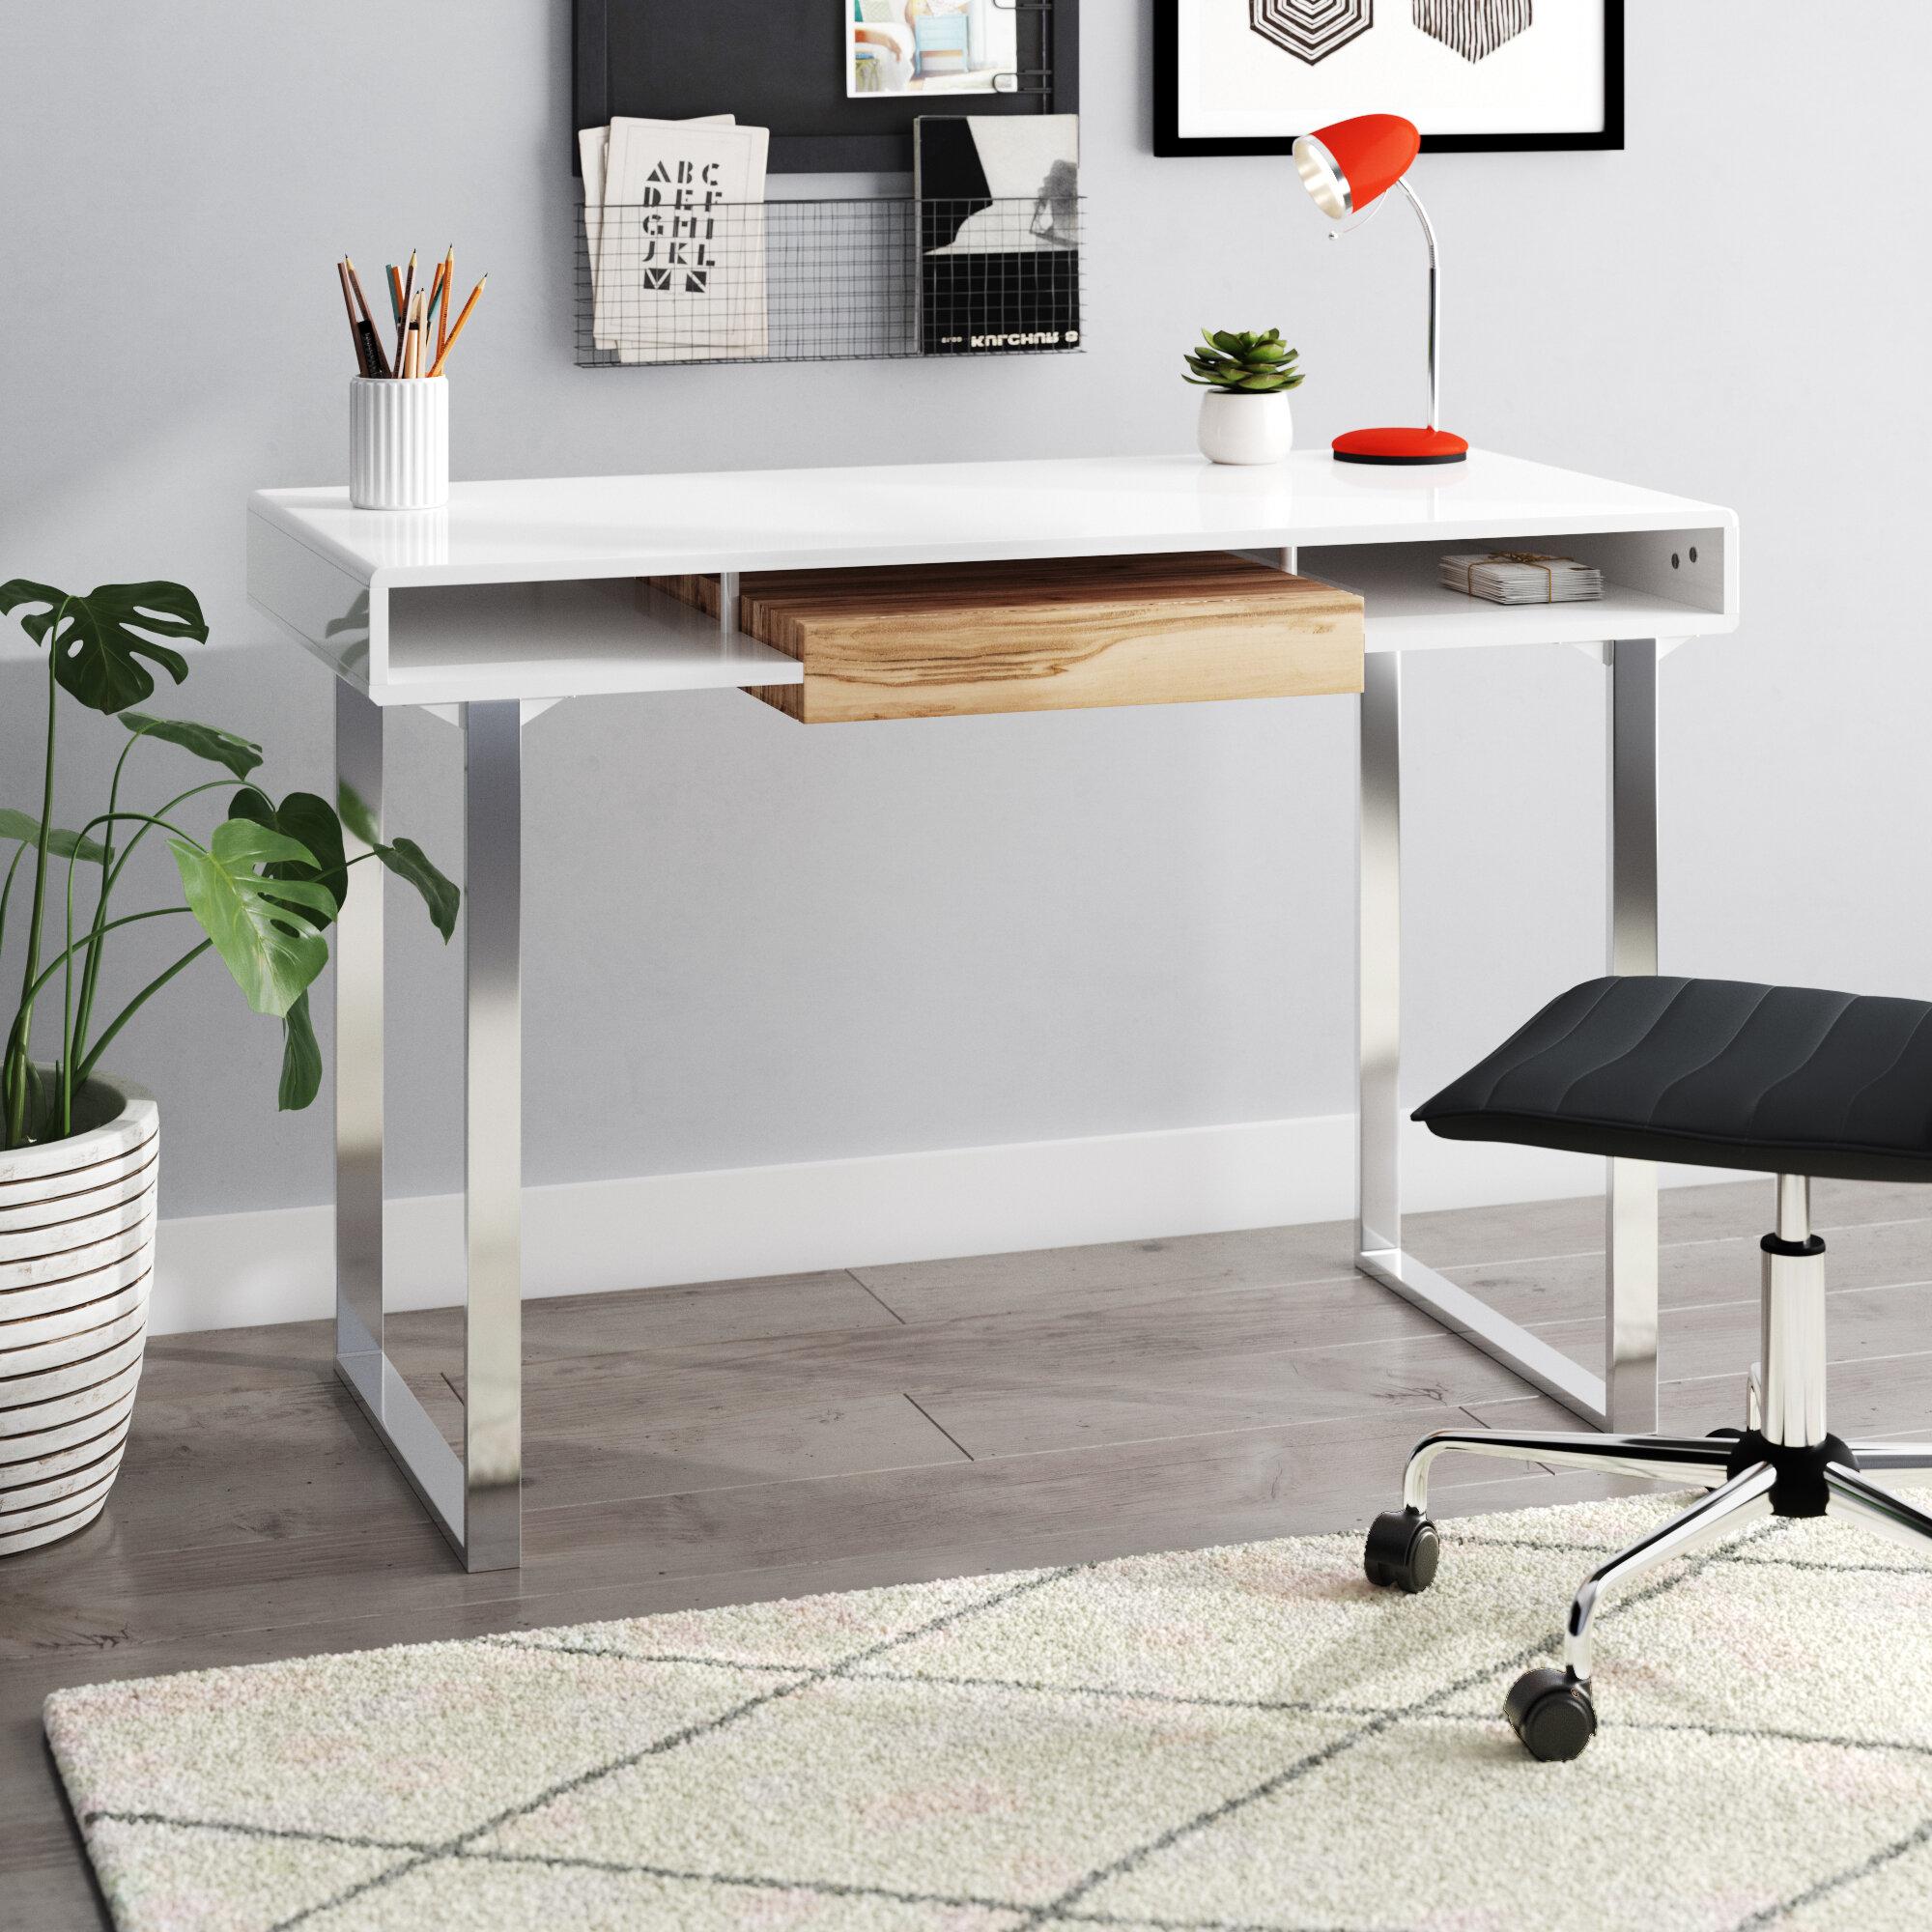 Safavieh Schreibtisch U0026 Bewertungen | Wayfair.de